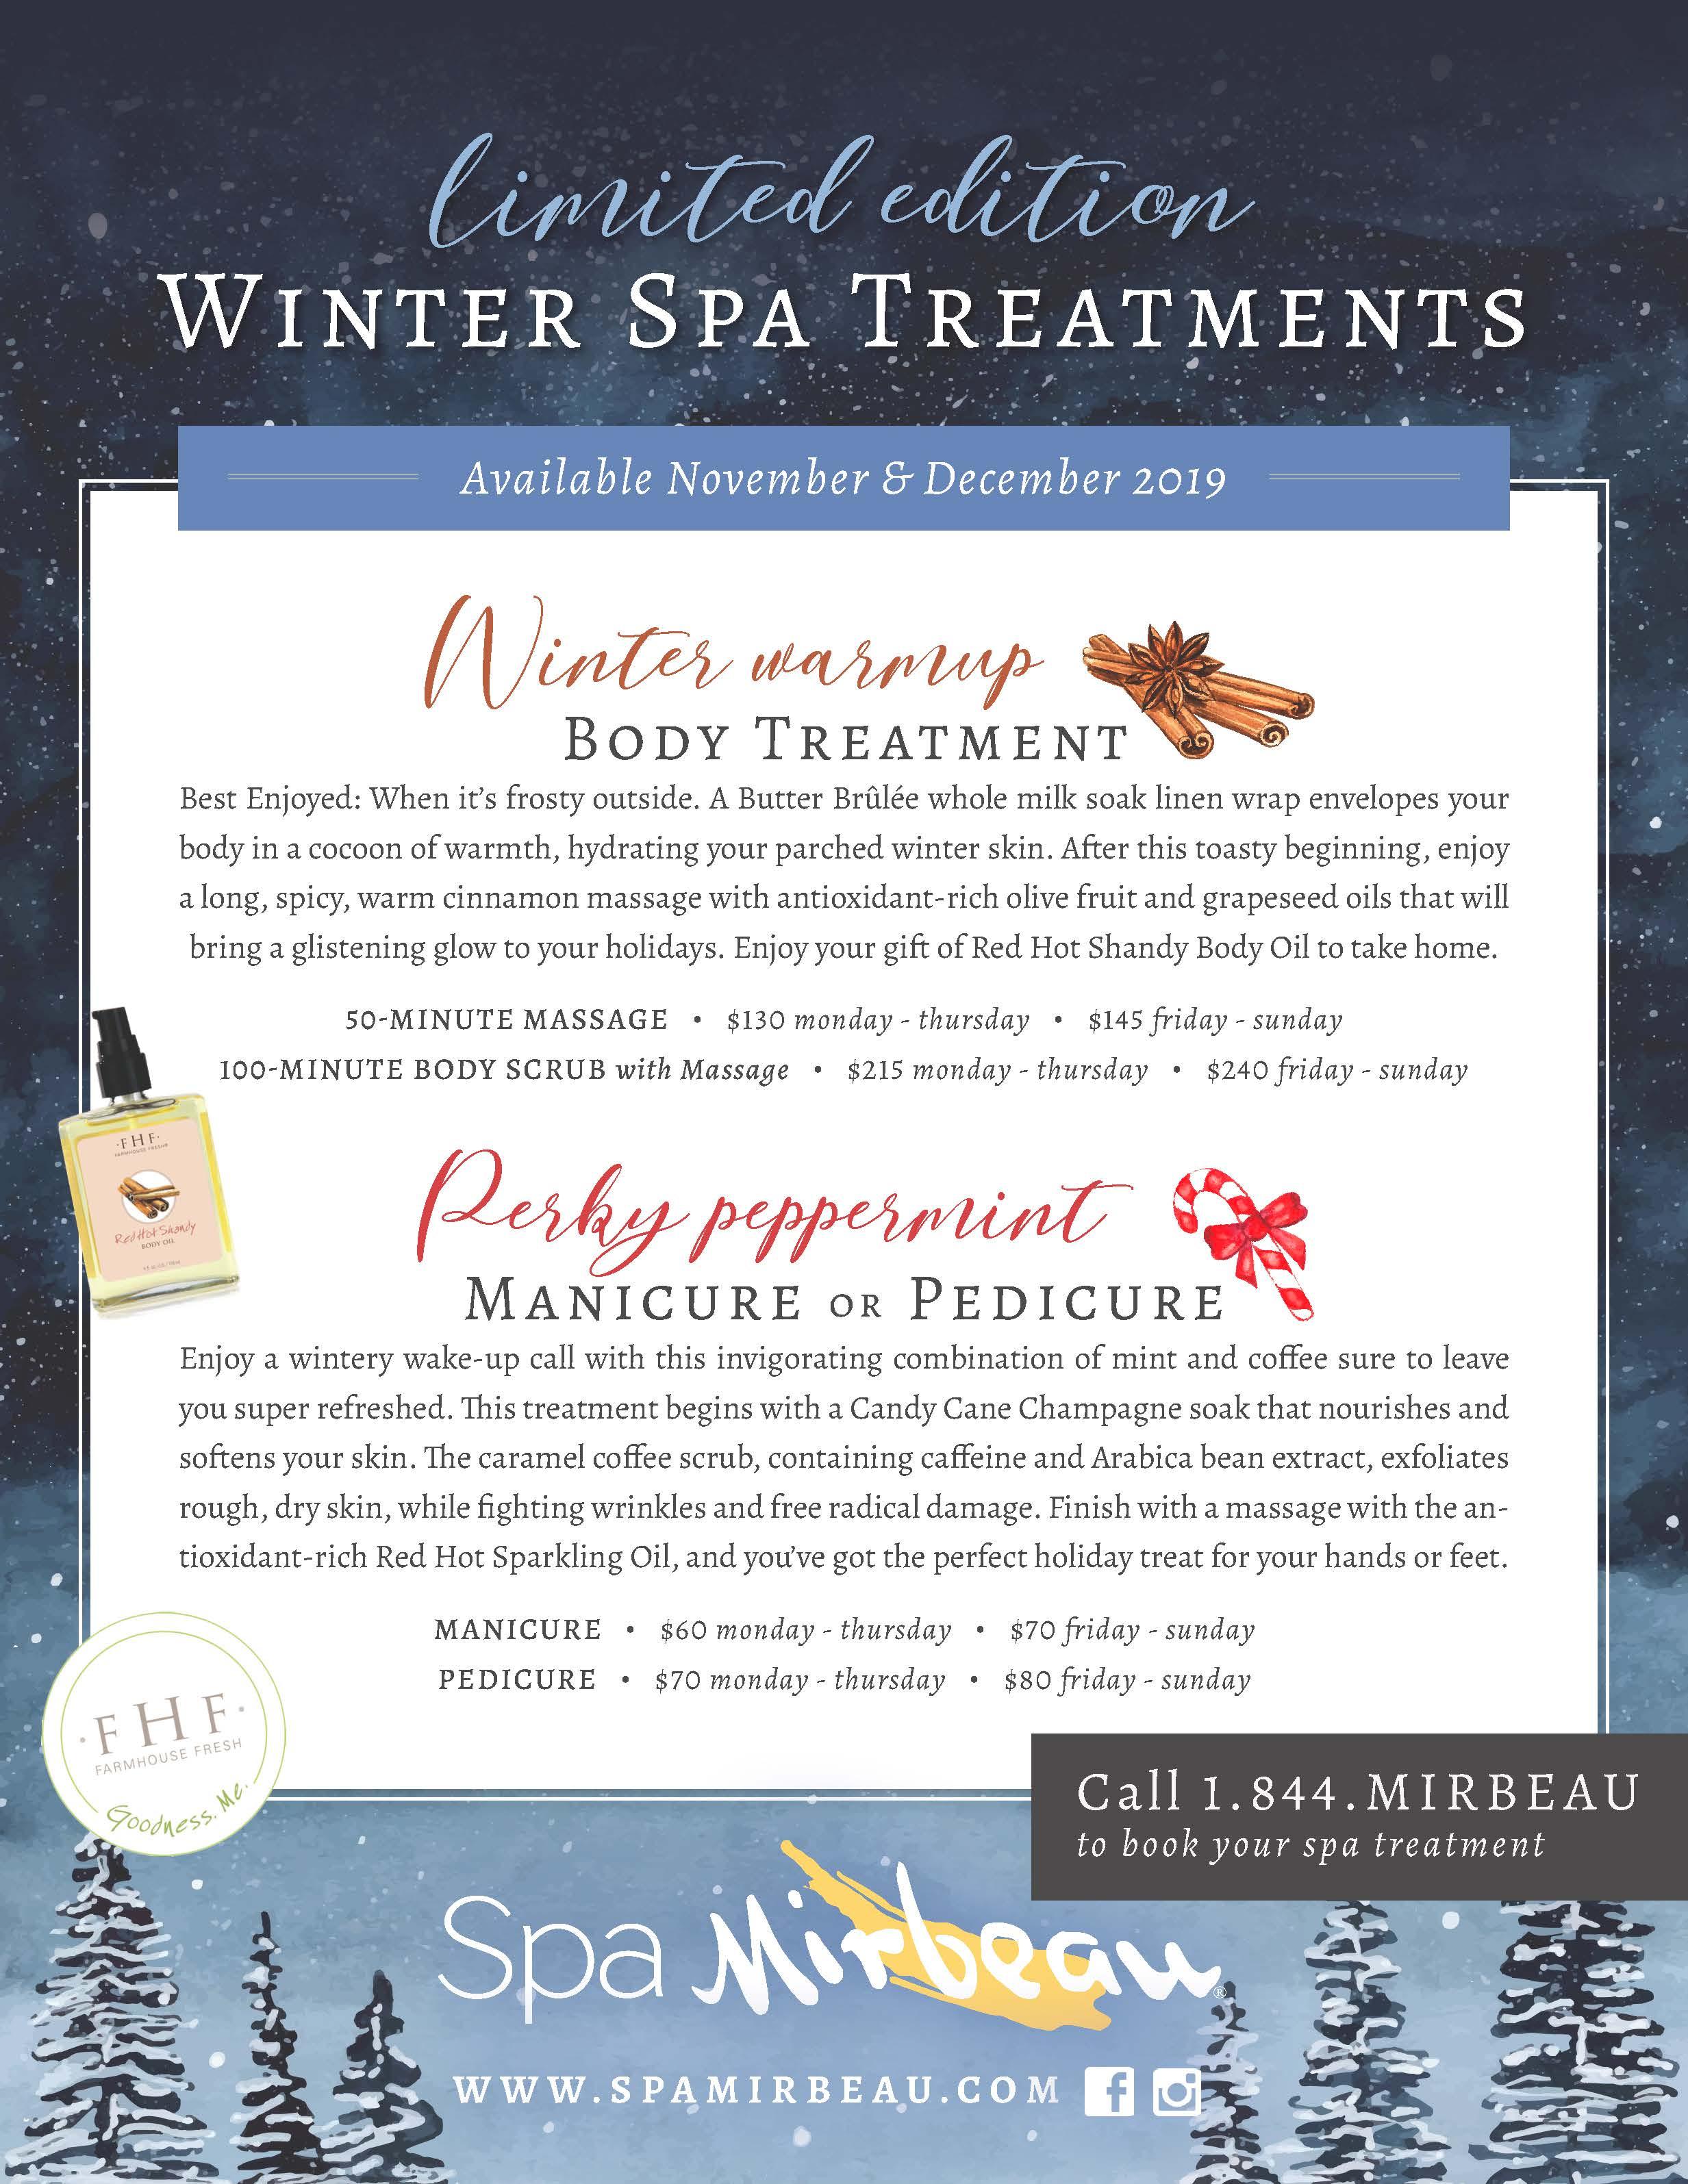 ALB Winter Treatments 2019 Flyer